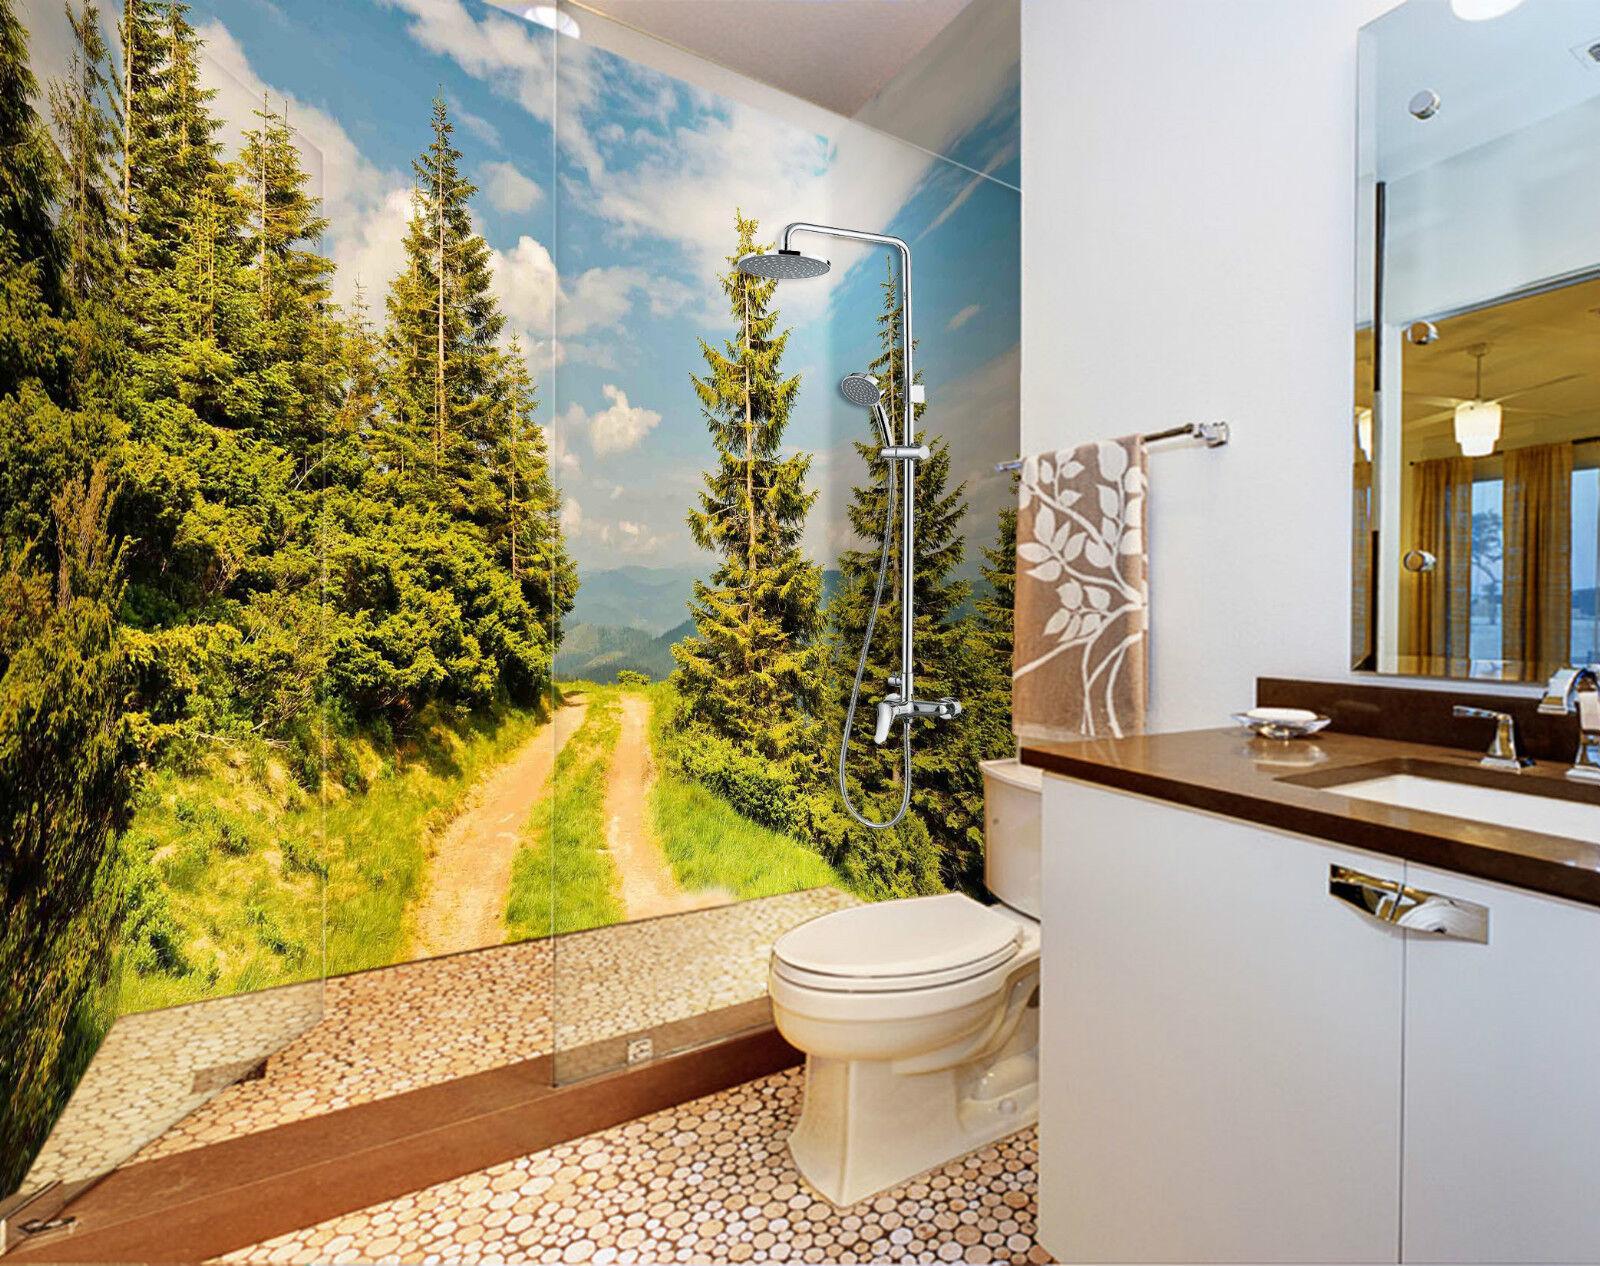 3D Roadside Trees 139 WallPaper Bathroom Print Decal Wall Deco AJ WALLPAPER CA